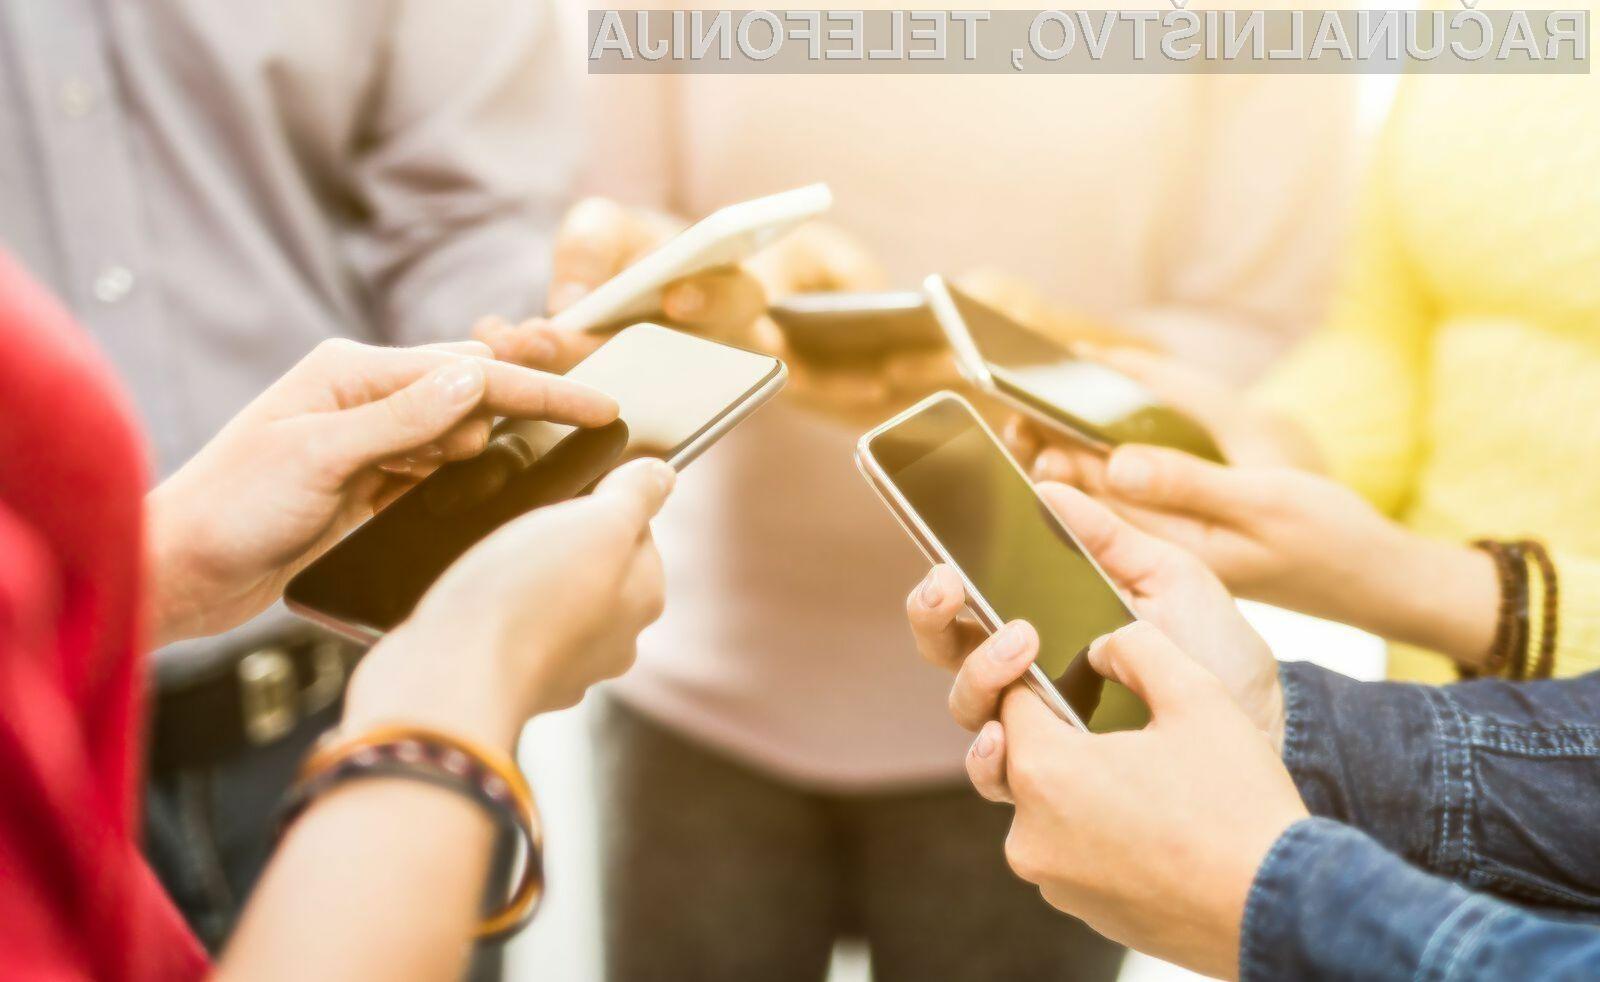 Namenska koda lahko povzroči samodejni zagon Applovih mobilnih naprav.